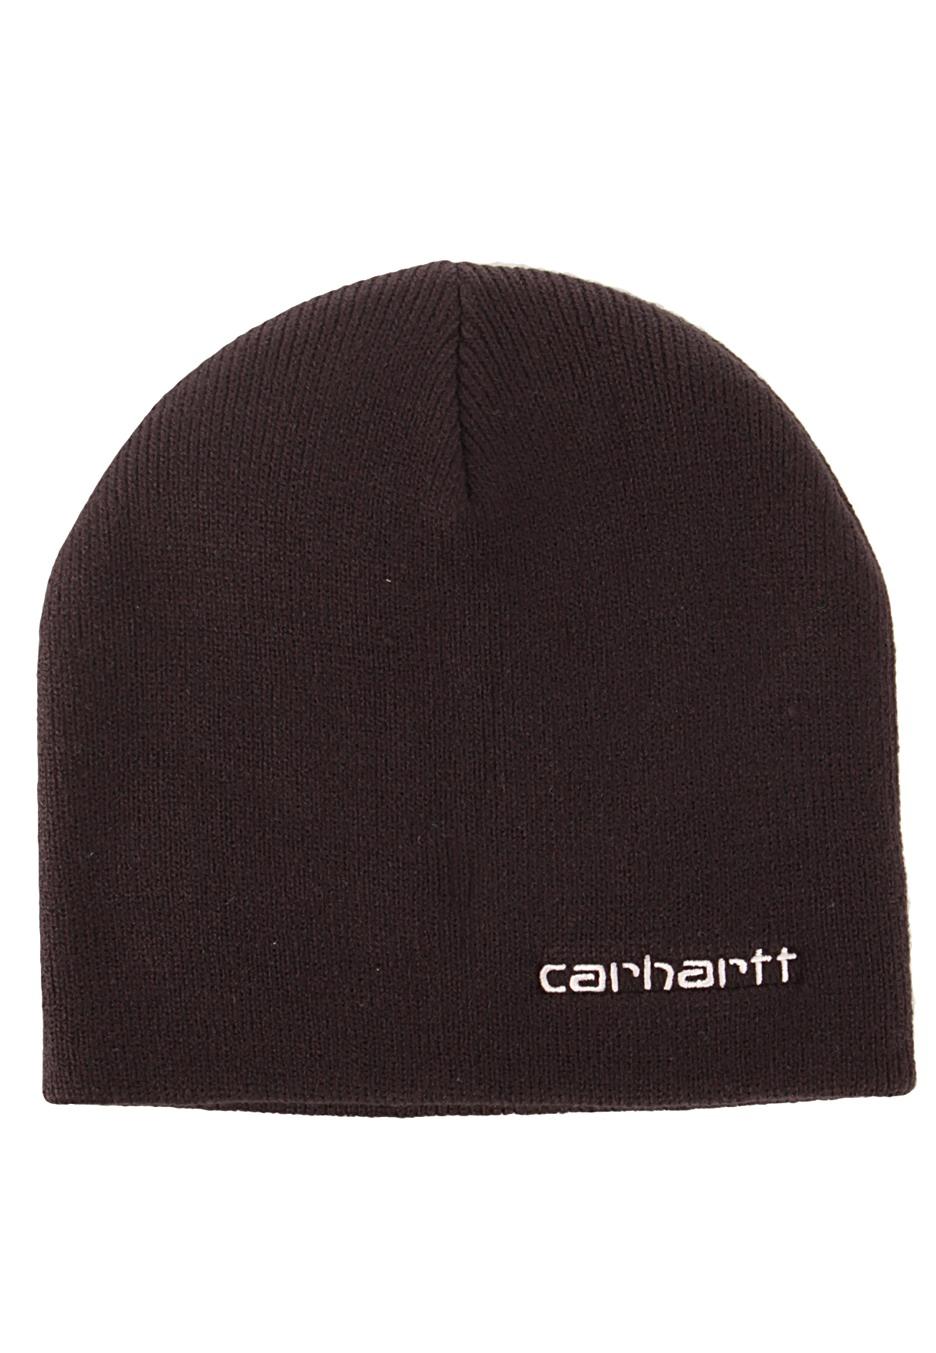 d6f28a1e3a6 Carhartt WIP - Simple - Beanie - Streetwear Shop - Impericon.com UK